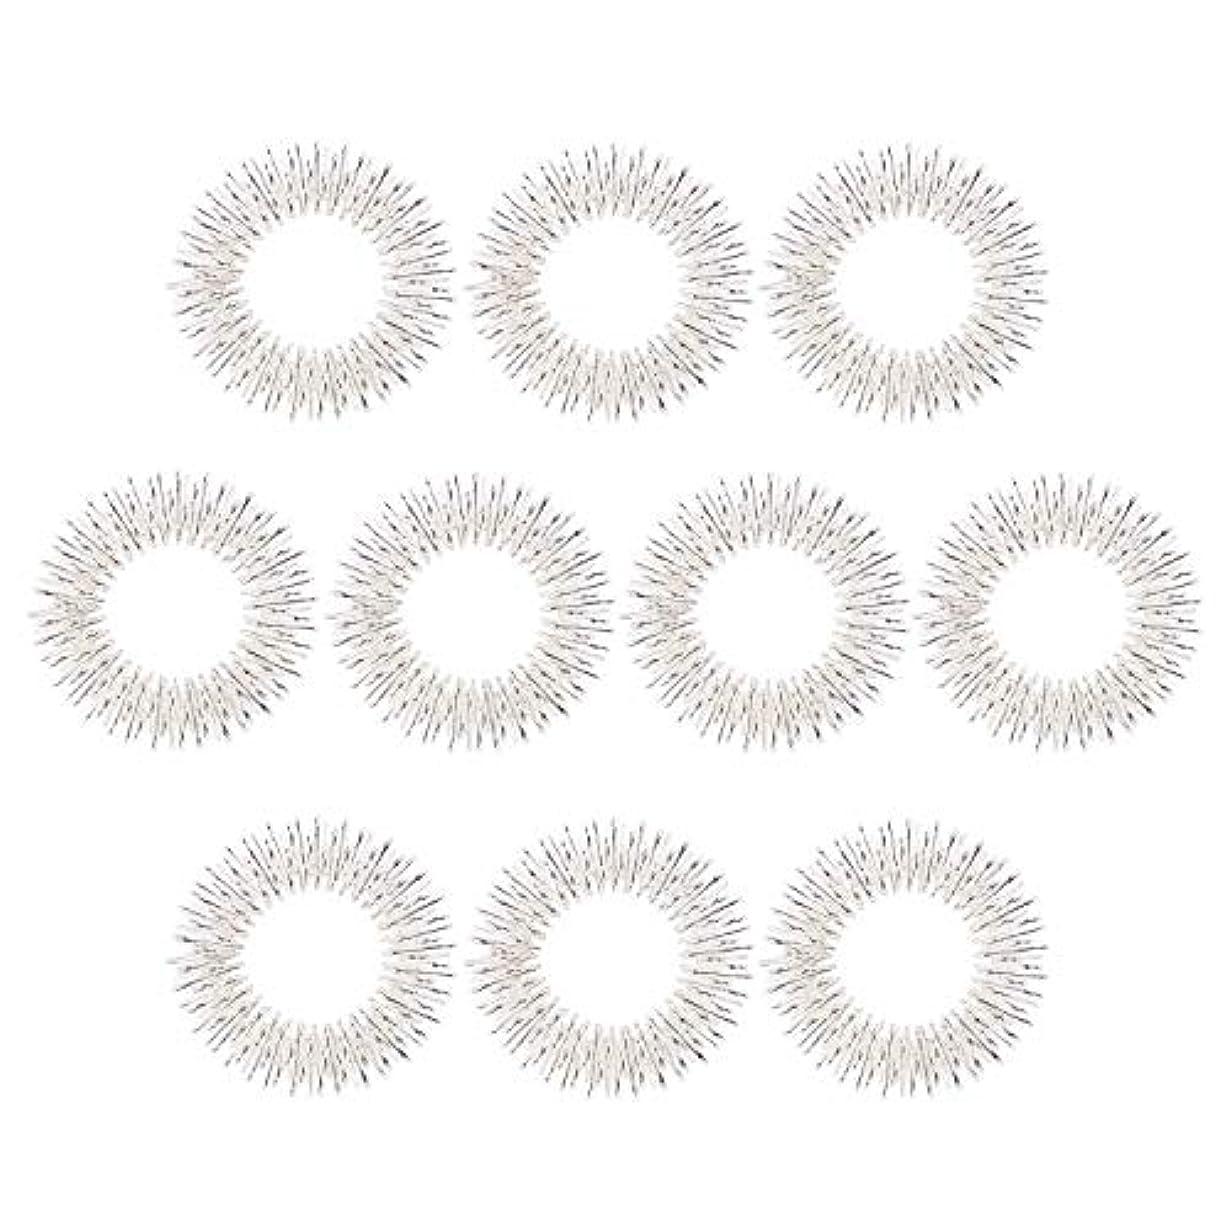 モロニックウィスキーマッサージリング 10個入り 指マッサージ リング 鍼リング ヘルス ケア 疼痛 治療 (10枚 シルバー)